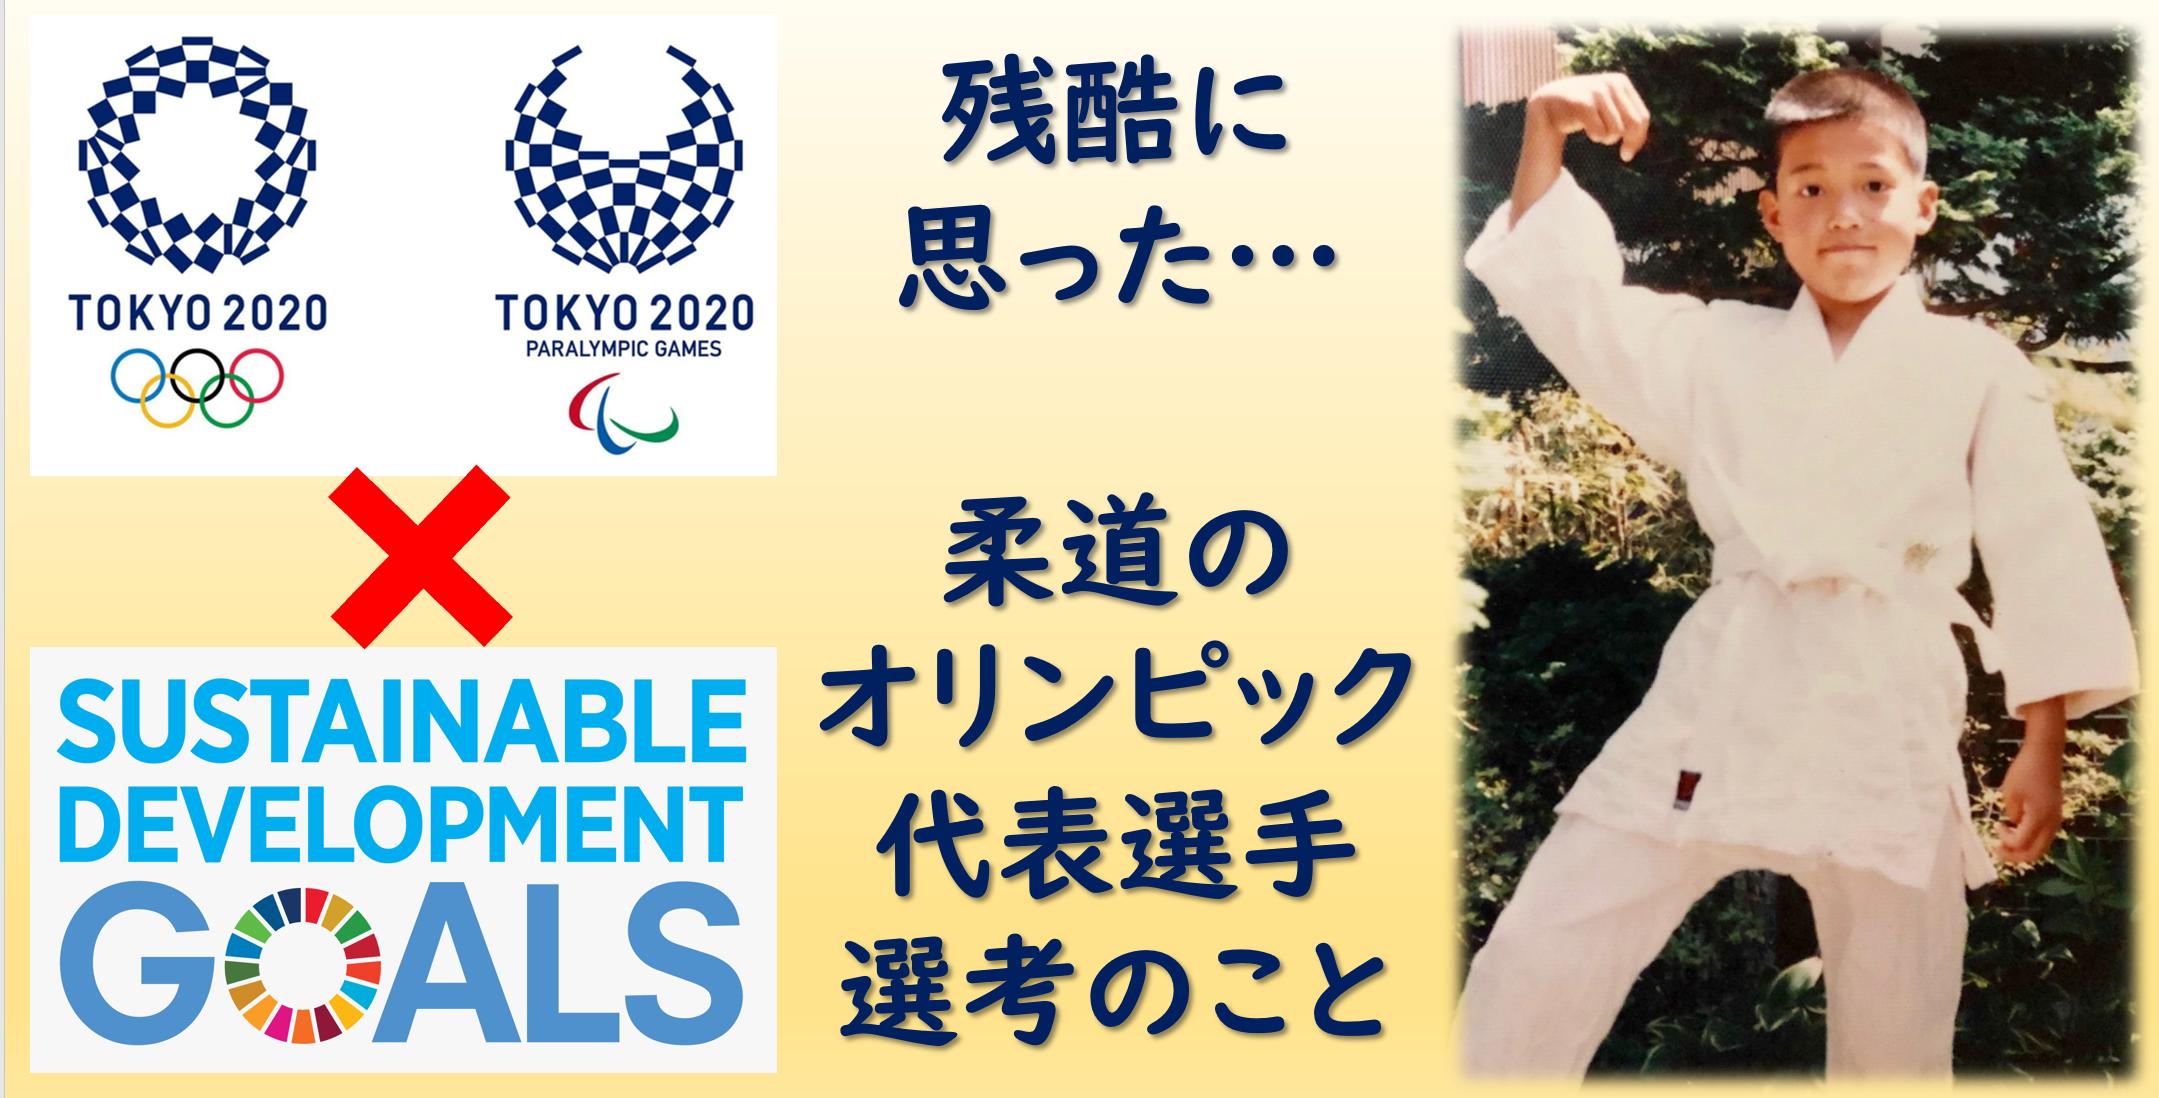 柔道のオリンピック代表選考